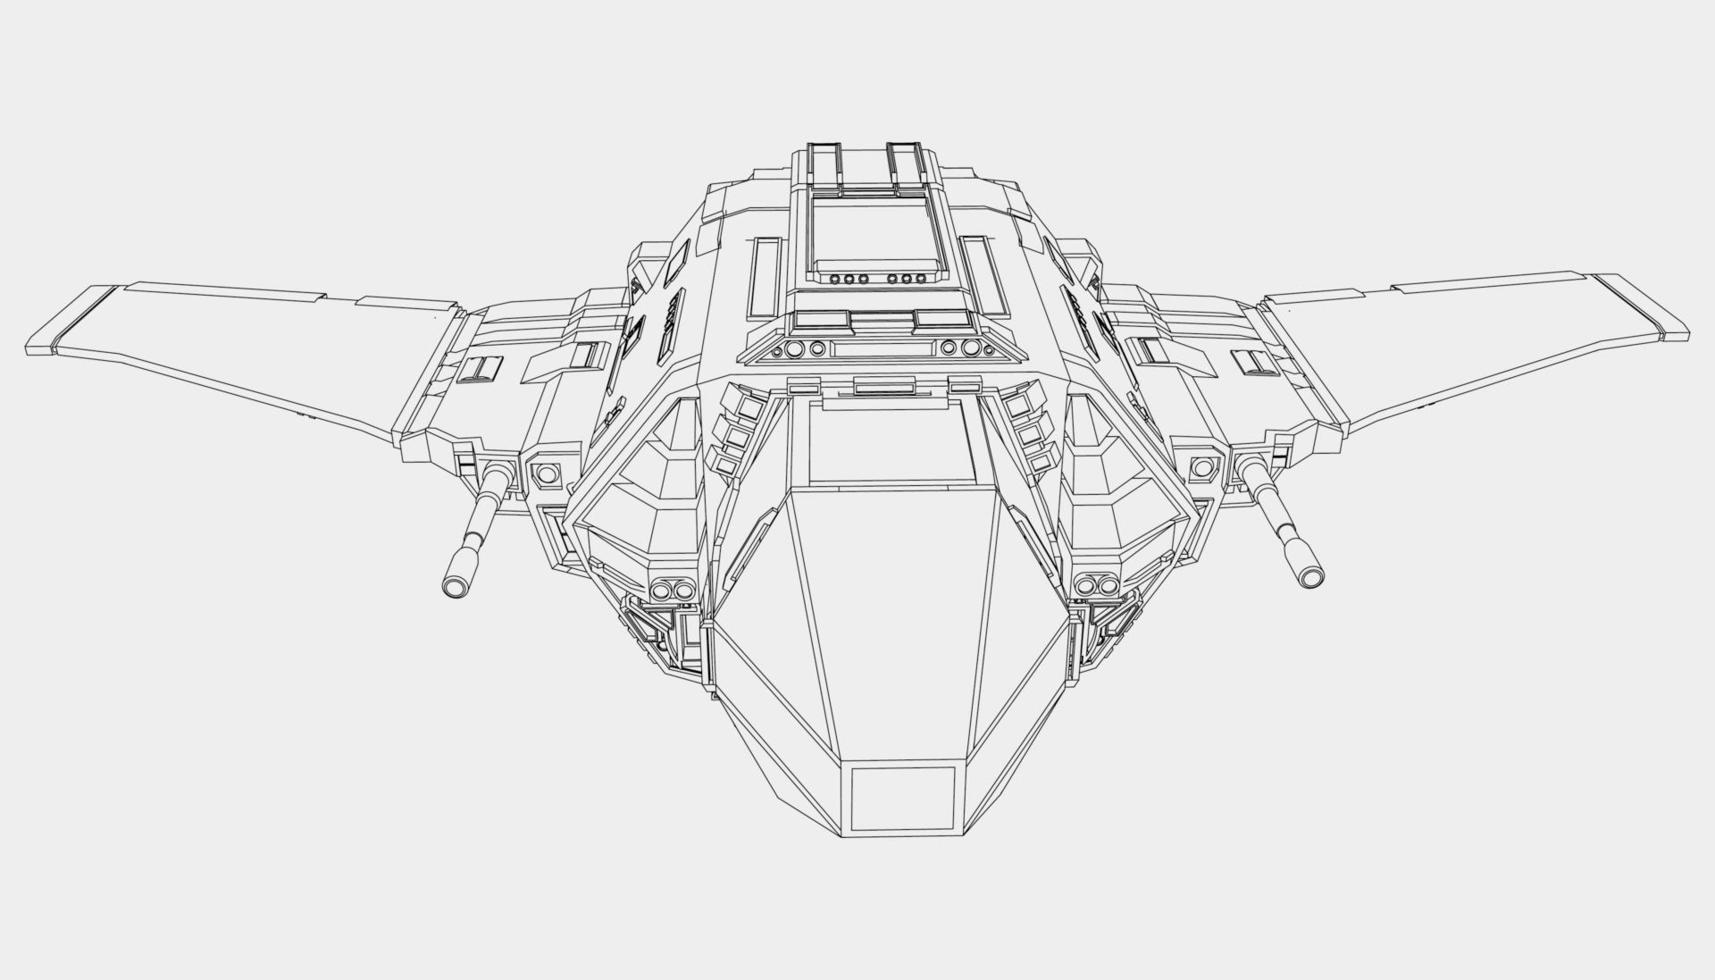 lineart du vaisseau spatial vecteur